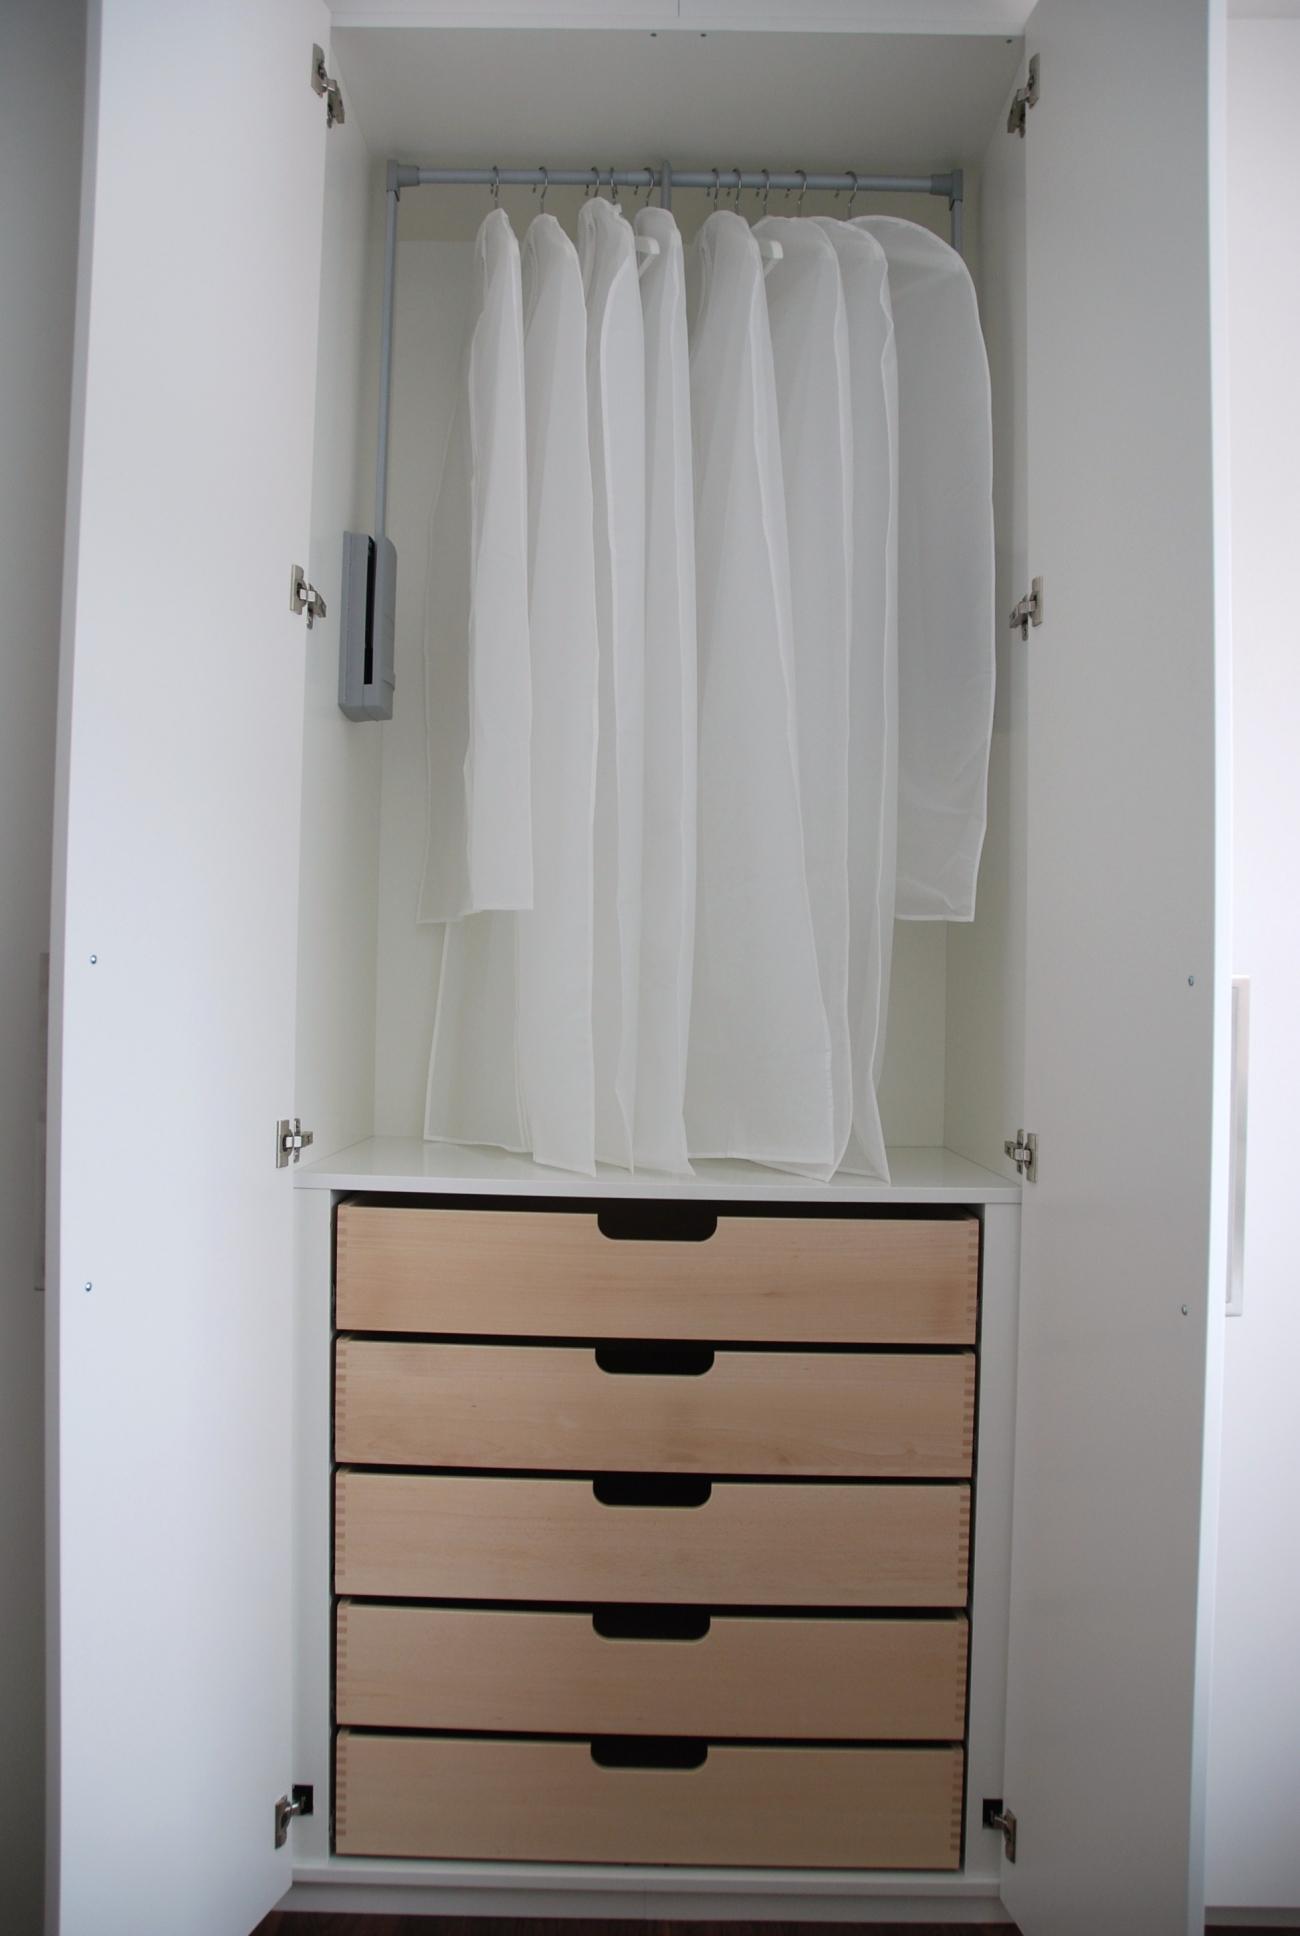 kleiderschrank | in schleiflack ral 9016 | mit kleiderlift und fingergezinkten massiv-innenladen